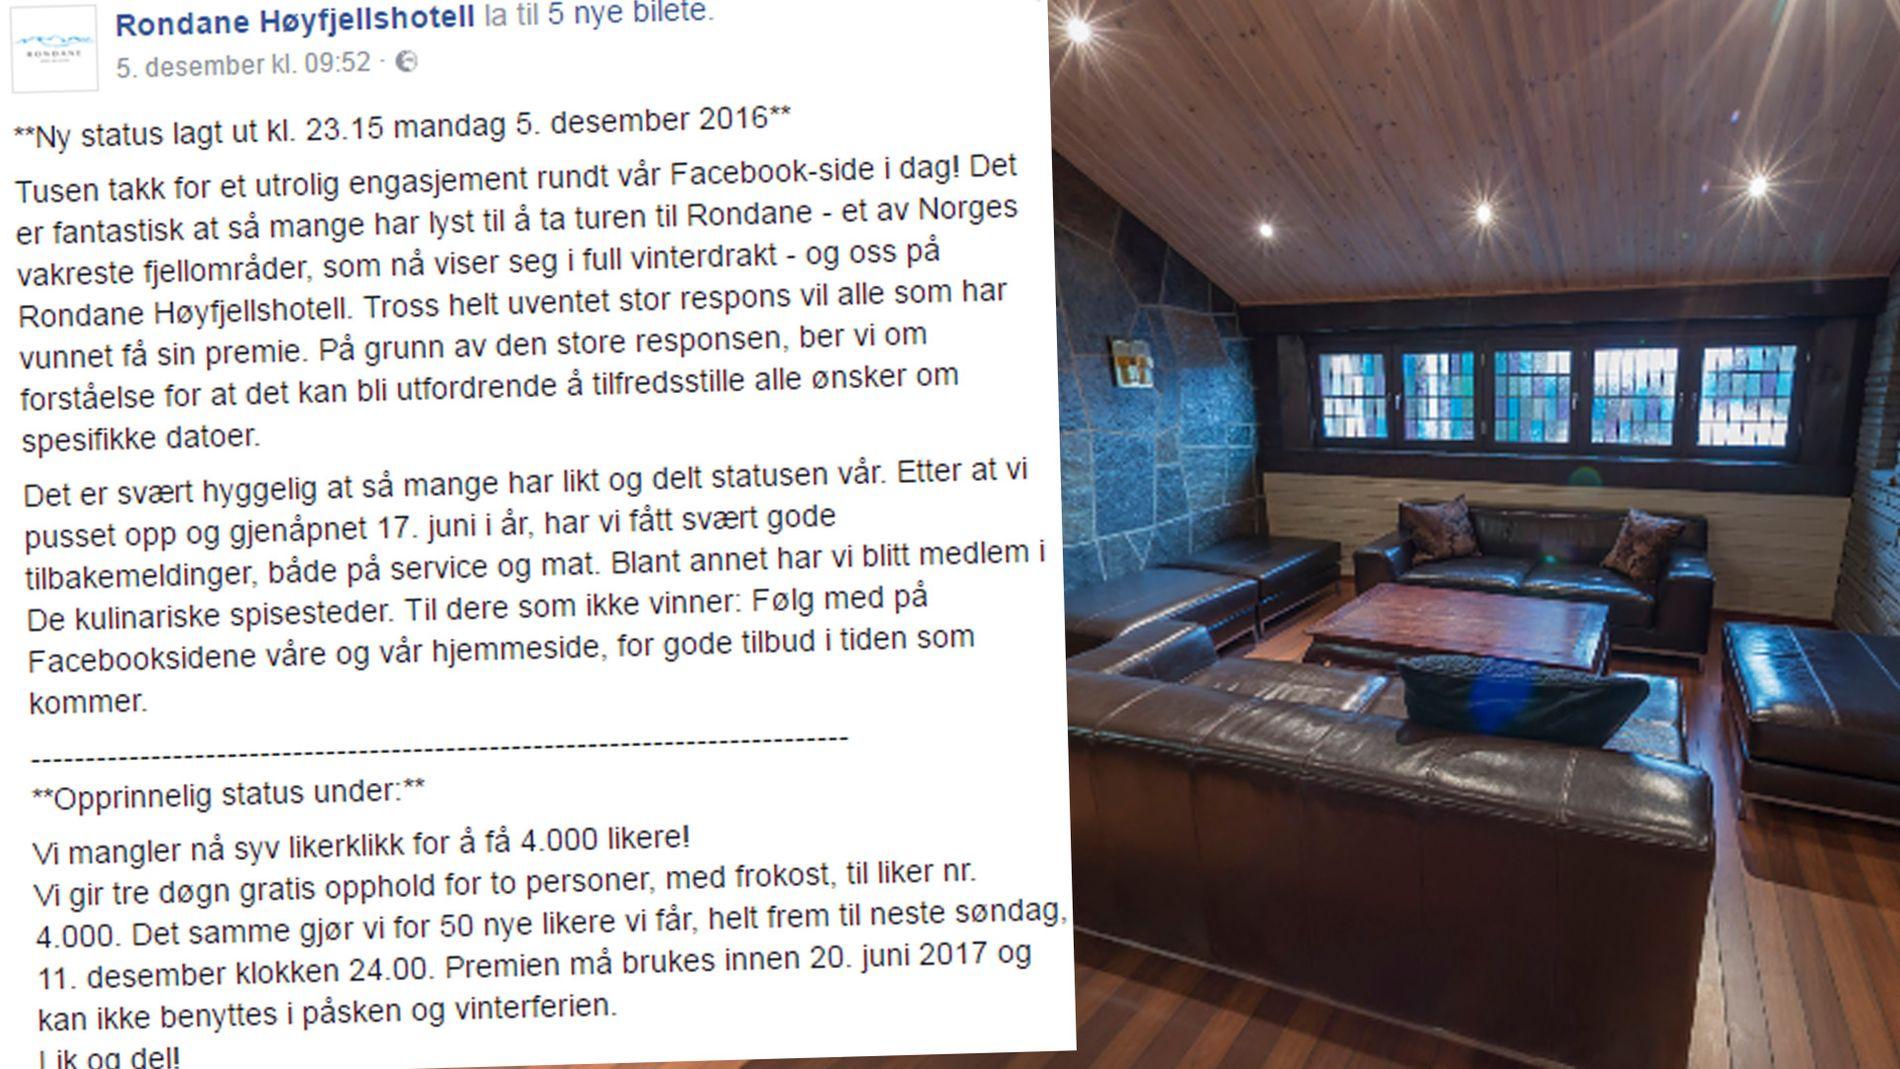 MASSIV RESPONS: Over 22.000 nye personer har likt Facebook-siden til hotellet etter de la ut denne posten.